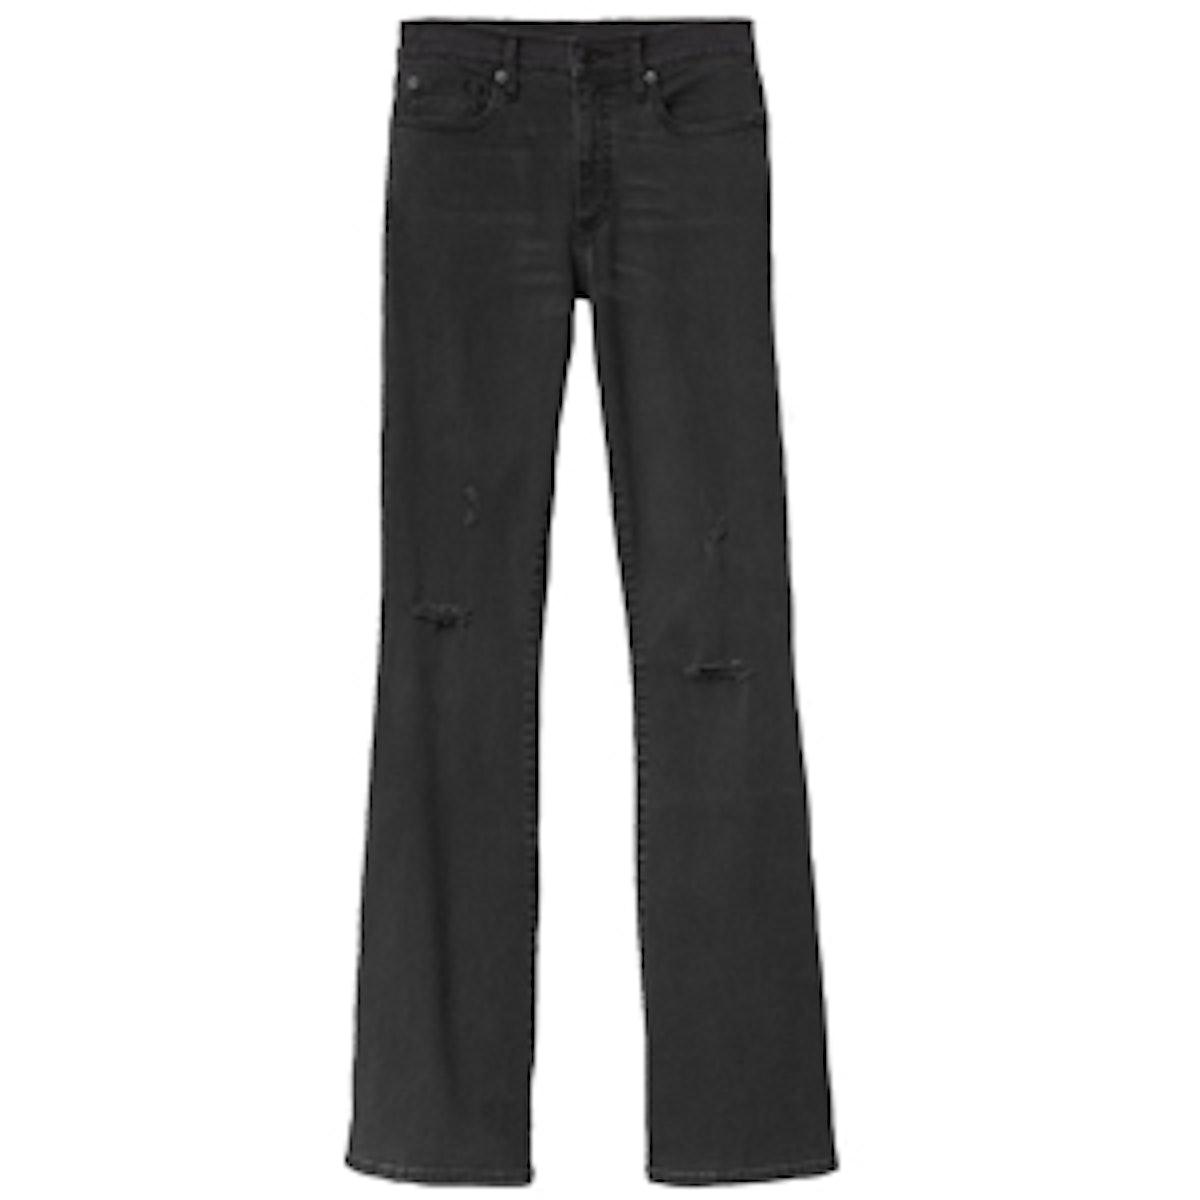 Resolution Destructed Black Skinny Flare Jeans